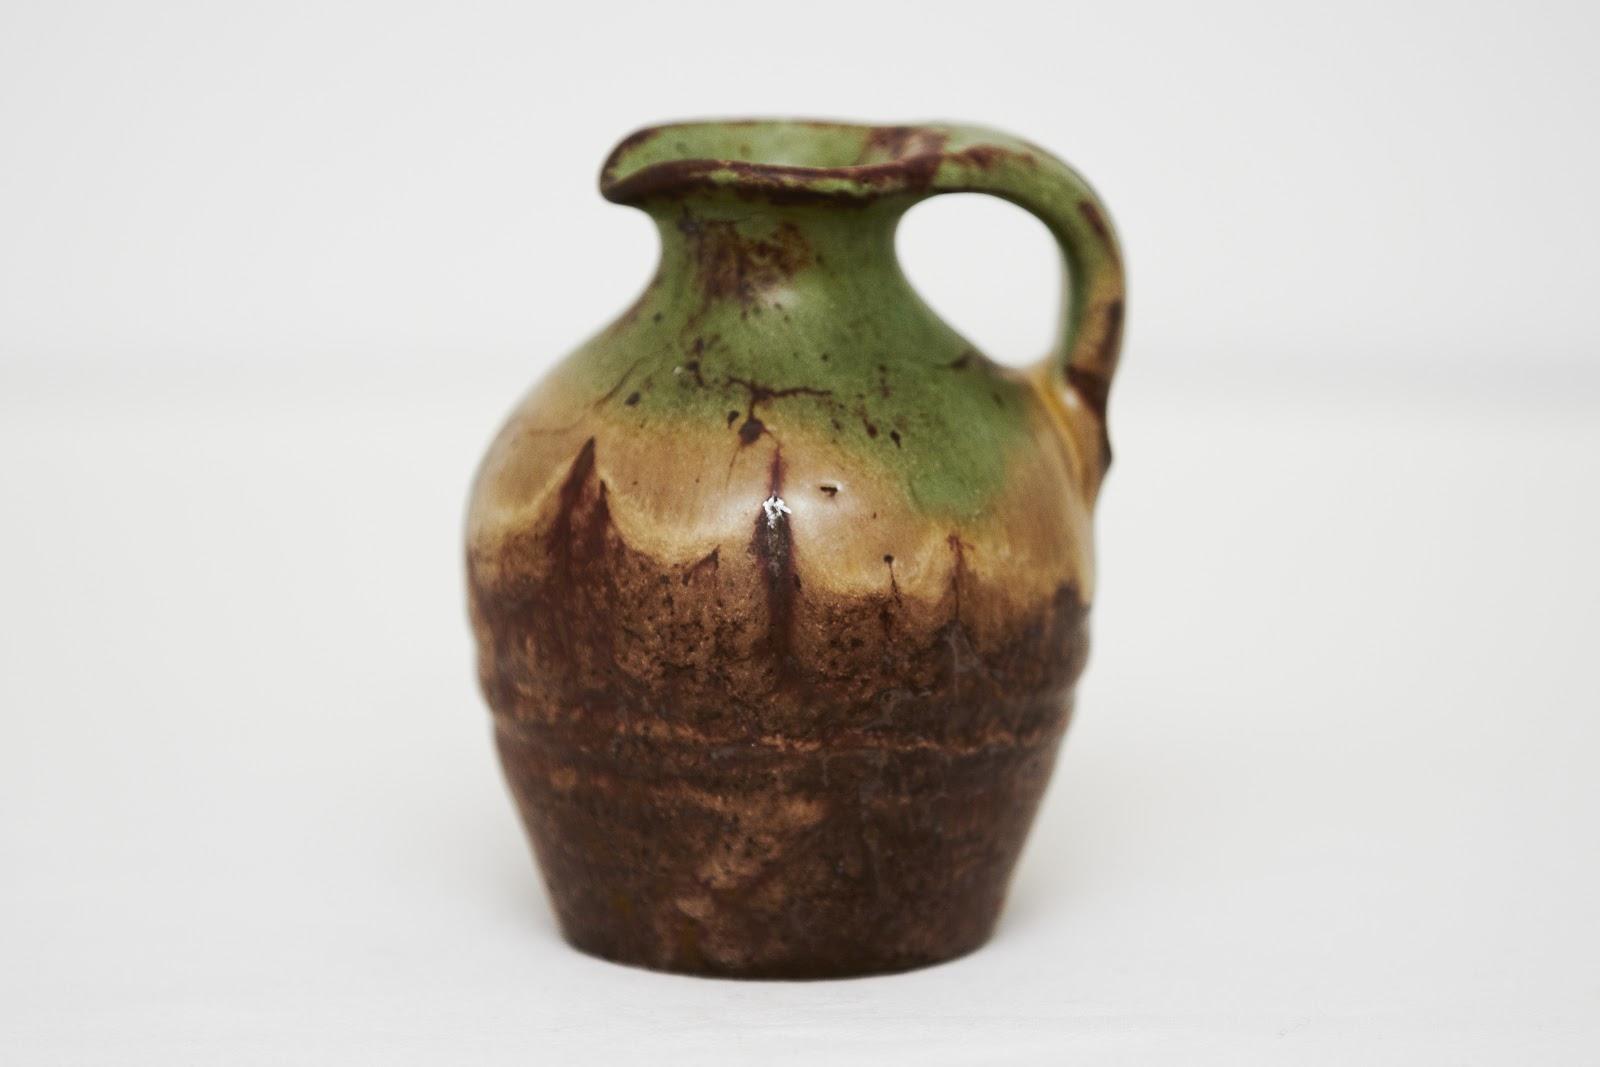 dagnæs keramik Jug, Dagnæs Keramik | Ceramics, early 20th century dagnæs keramik